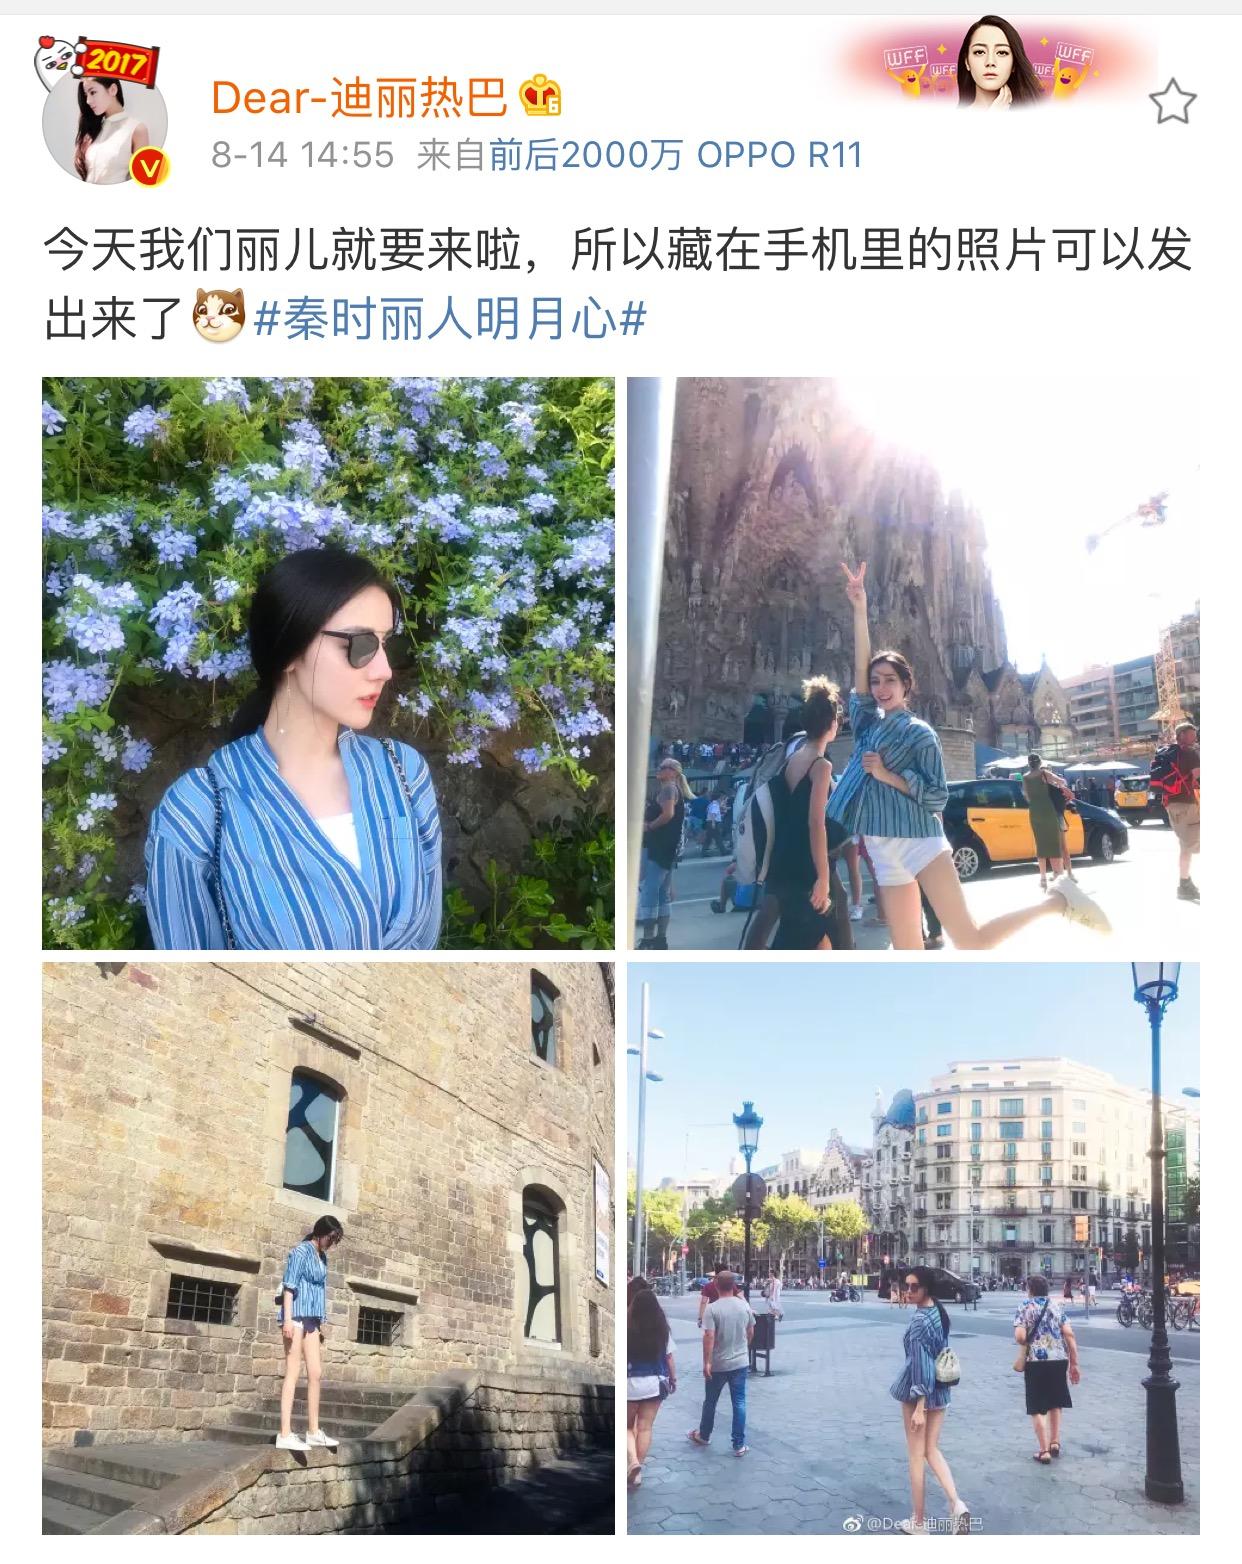 迪丽热巴这组照片几乎没人说不美 连李晨都这样评论她...